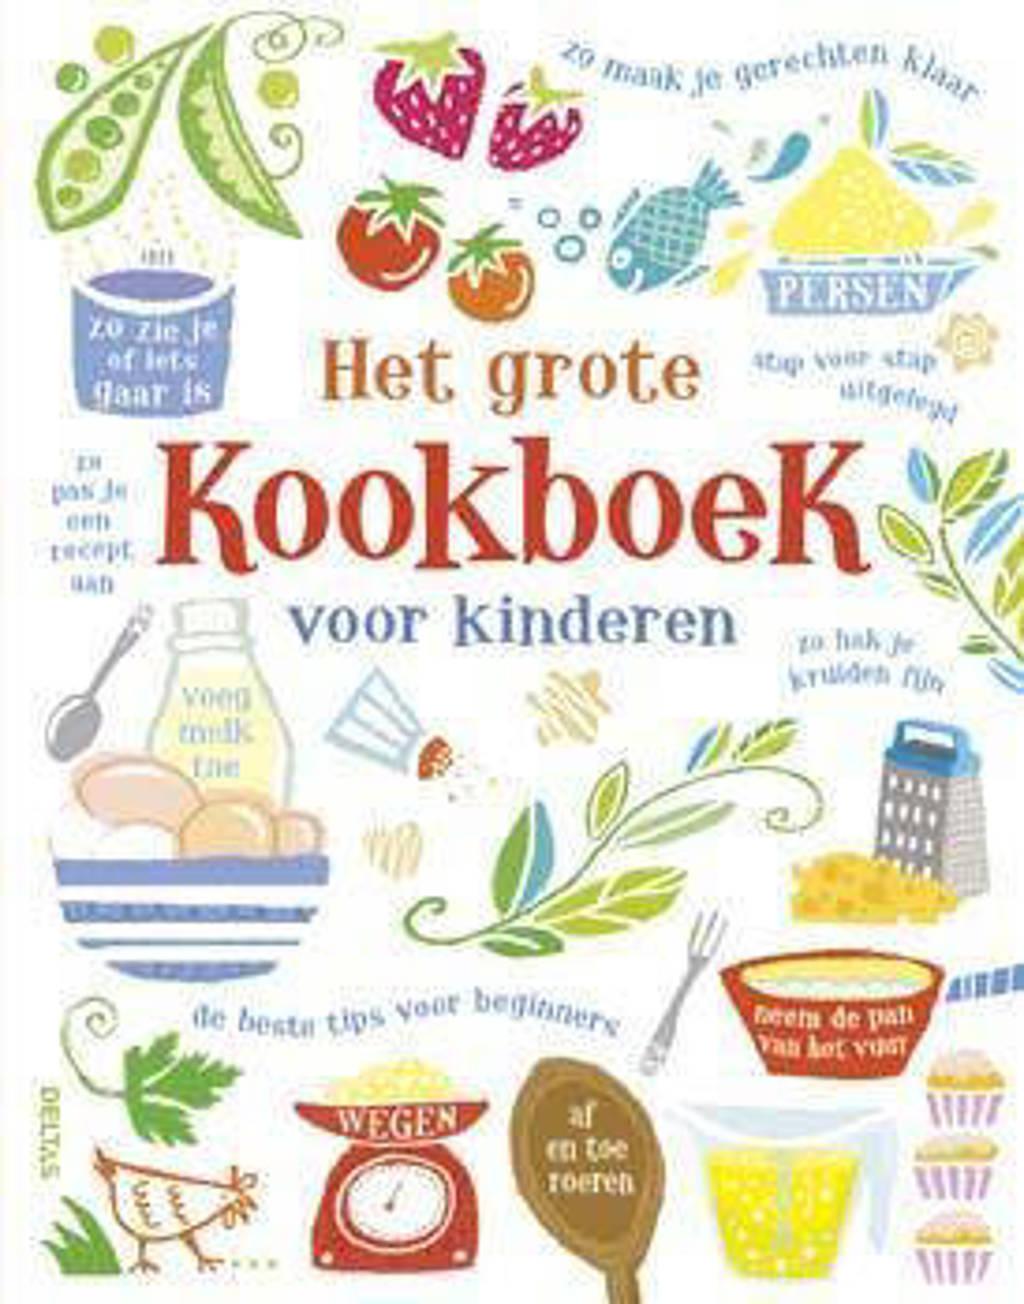 Het grote kookboek voor kinderen - Abigail Wheatley